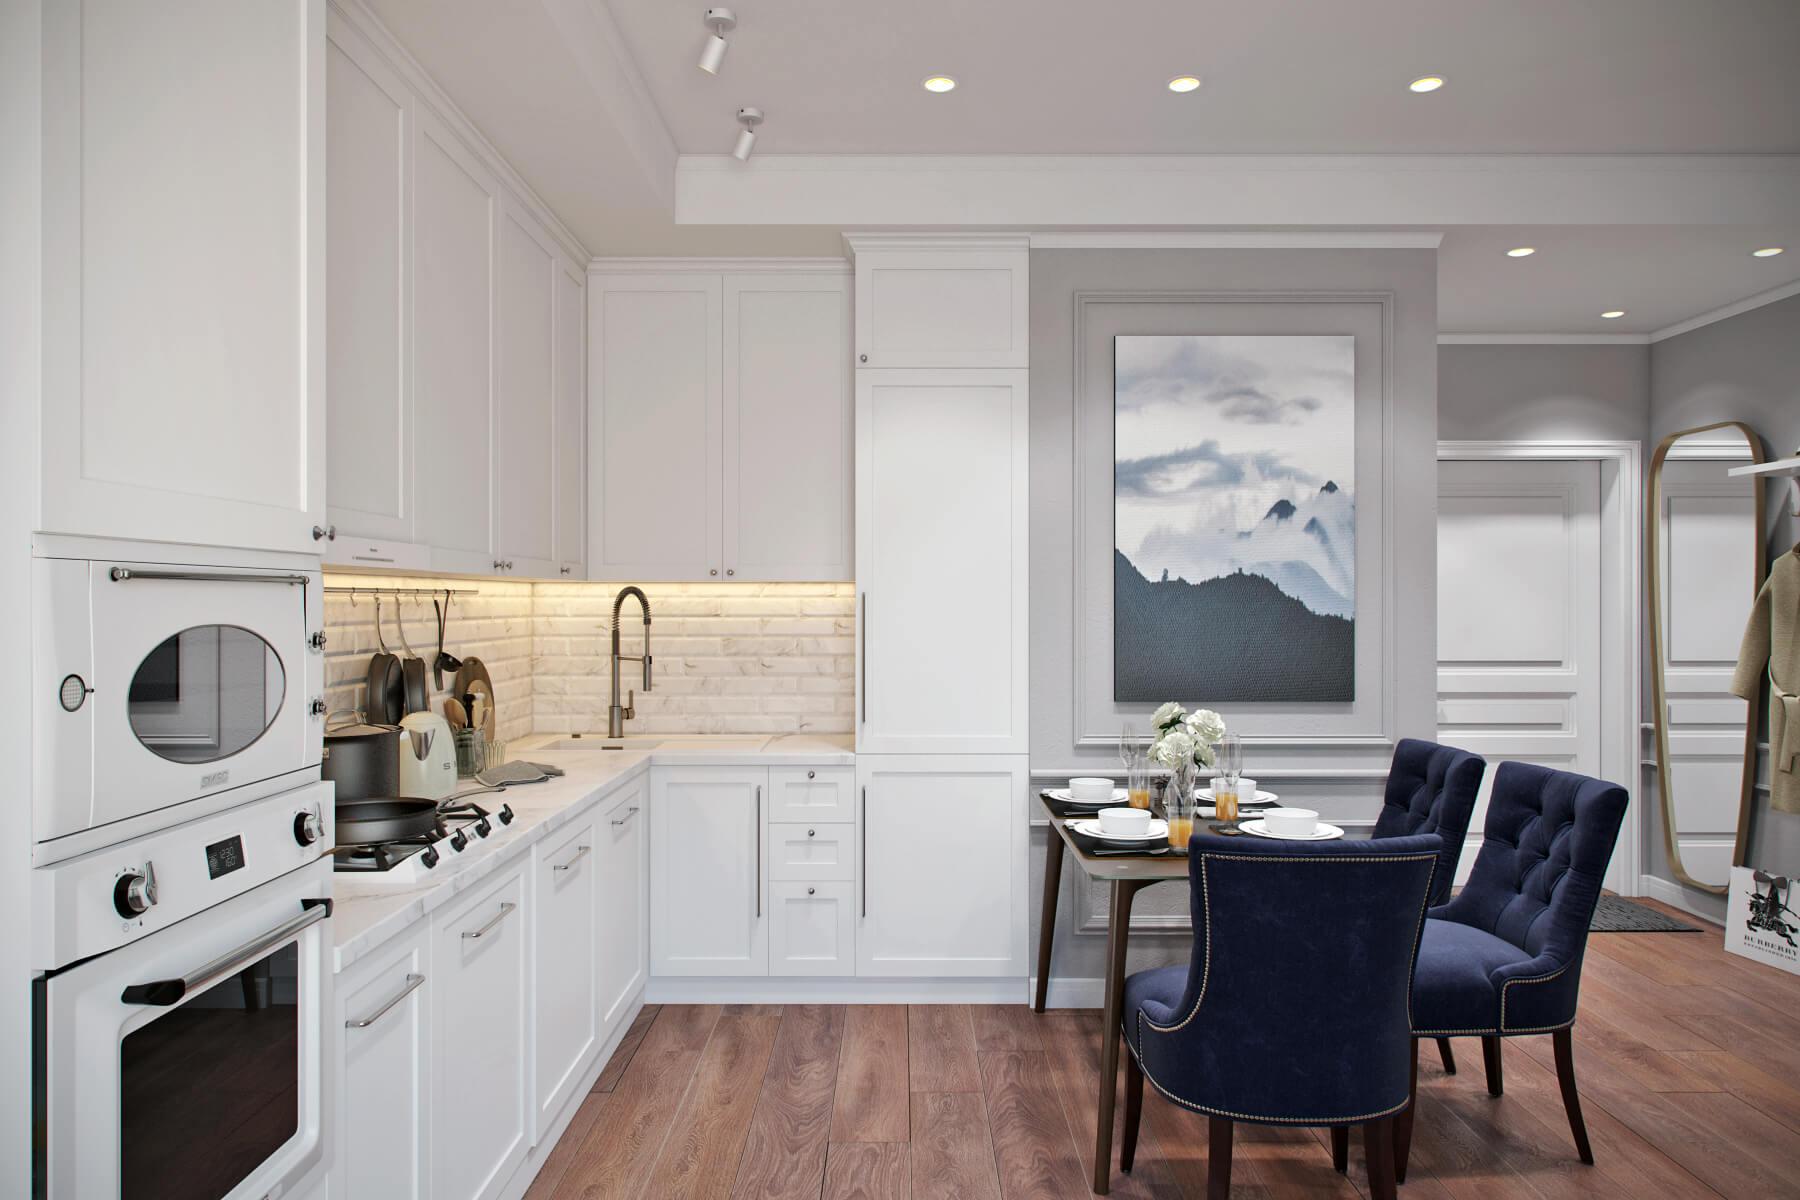 Thiết kế nhà bếp tân cổ điển 5